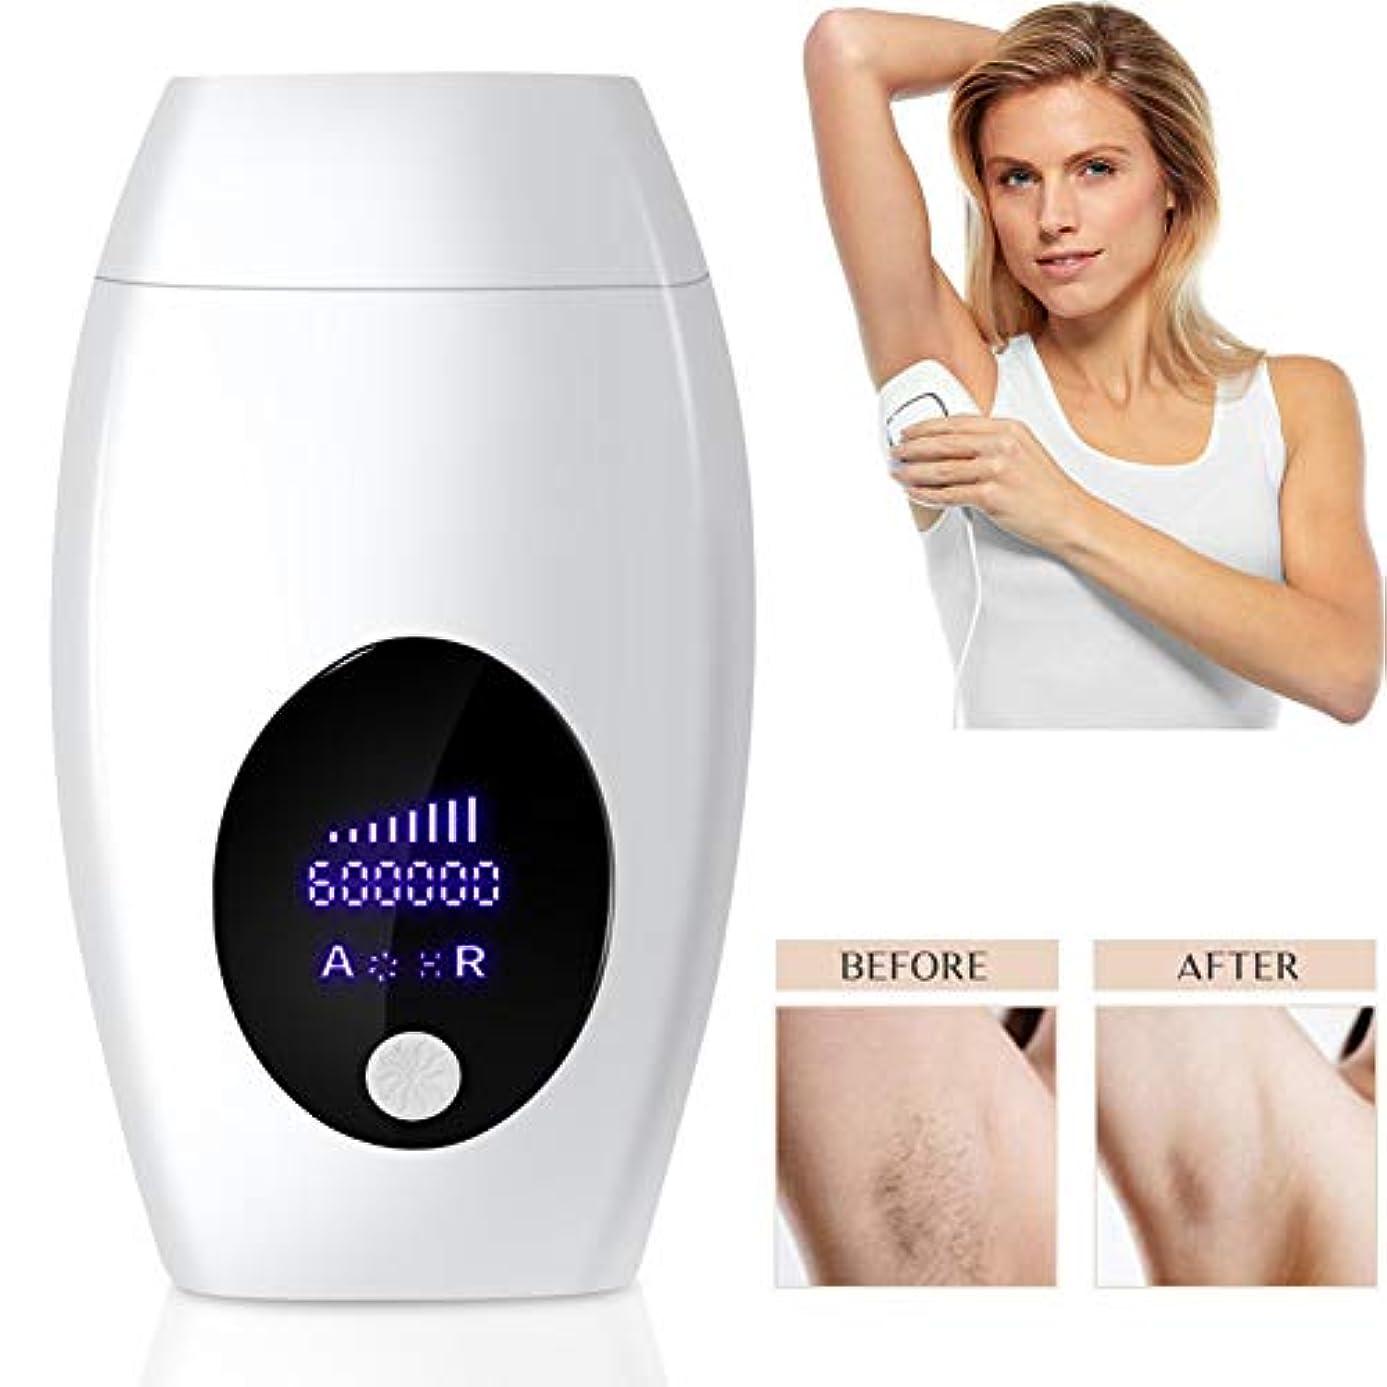 調子空洞忠実に永久IPL脱毛装置は、男性と女性が利用できます, 600,000回の閃光を伴う痛みのない脱毛器、体、顔、ビキニ、脇の下に適しています